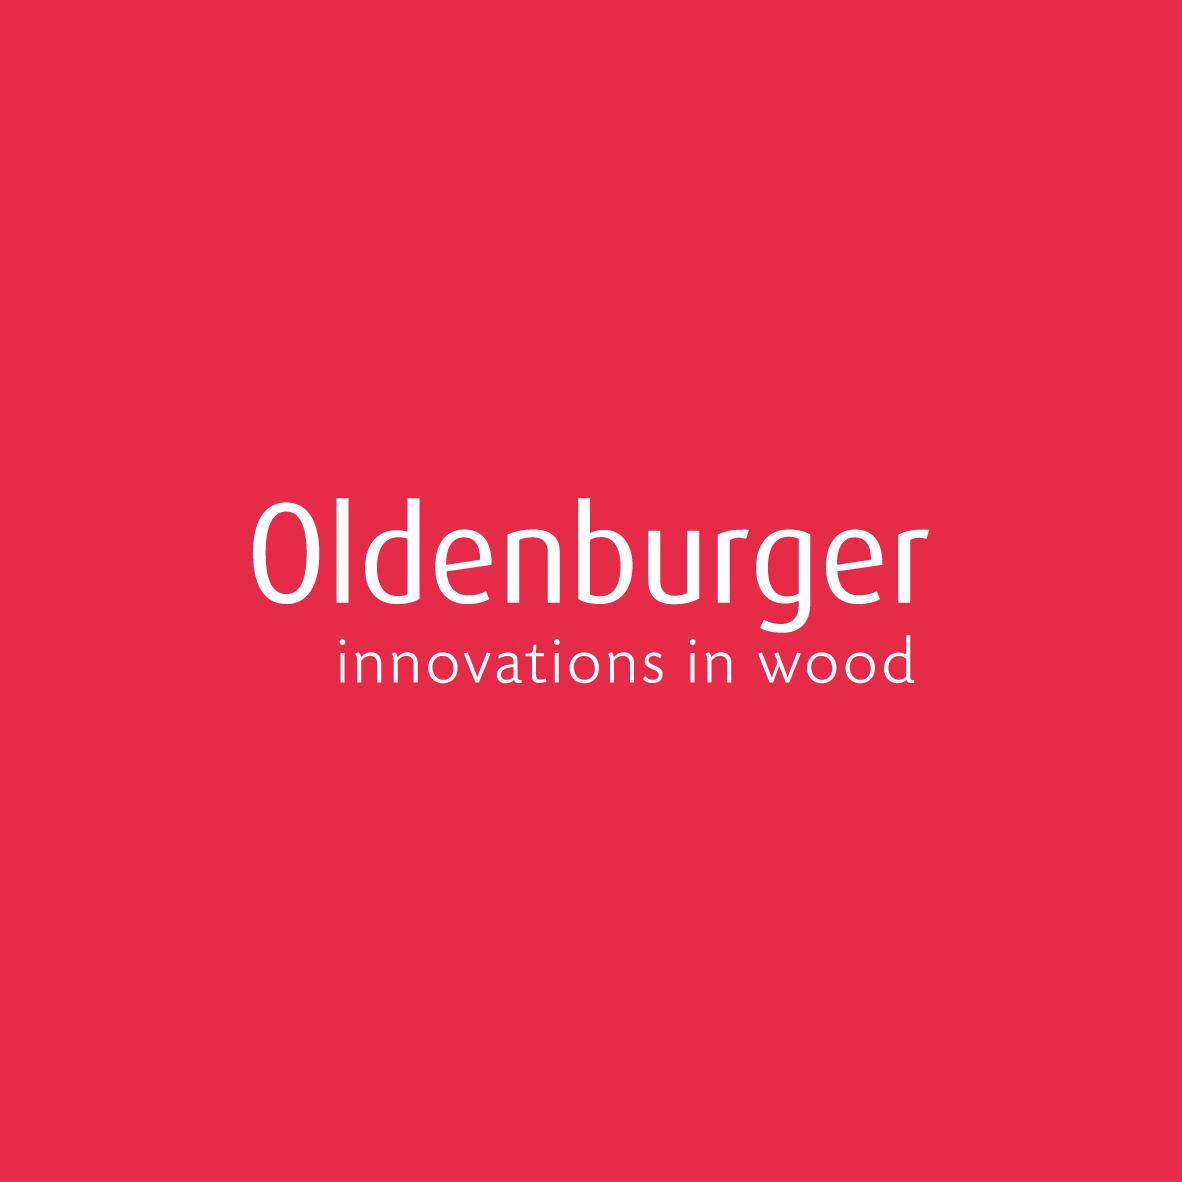 38_OLDENBURGER INTERIOR.png